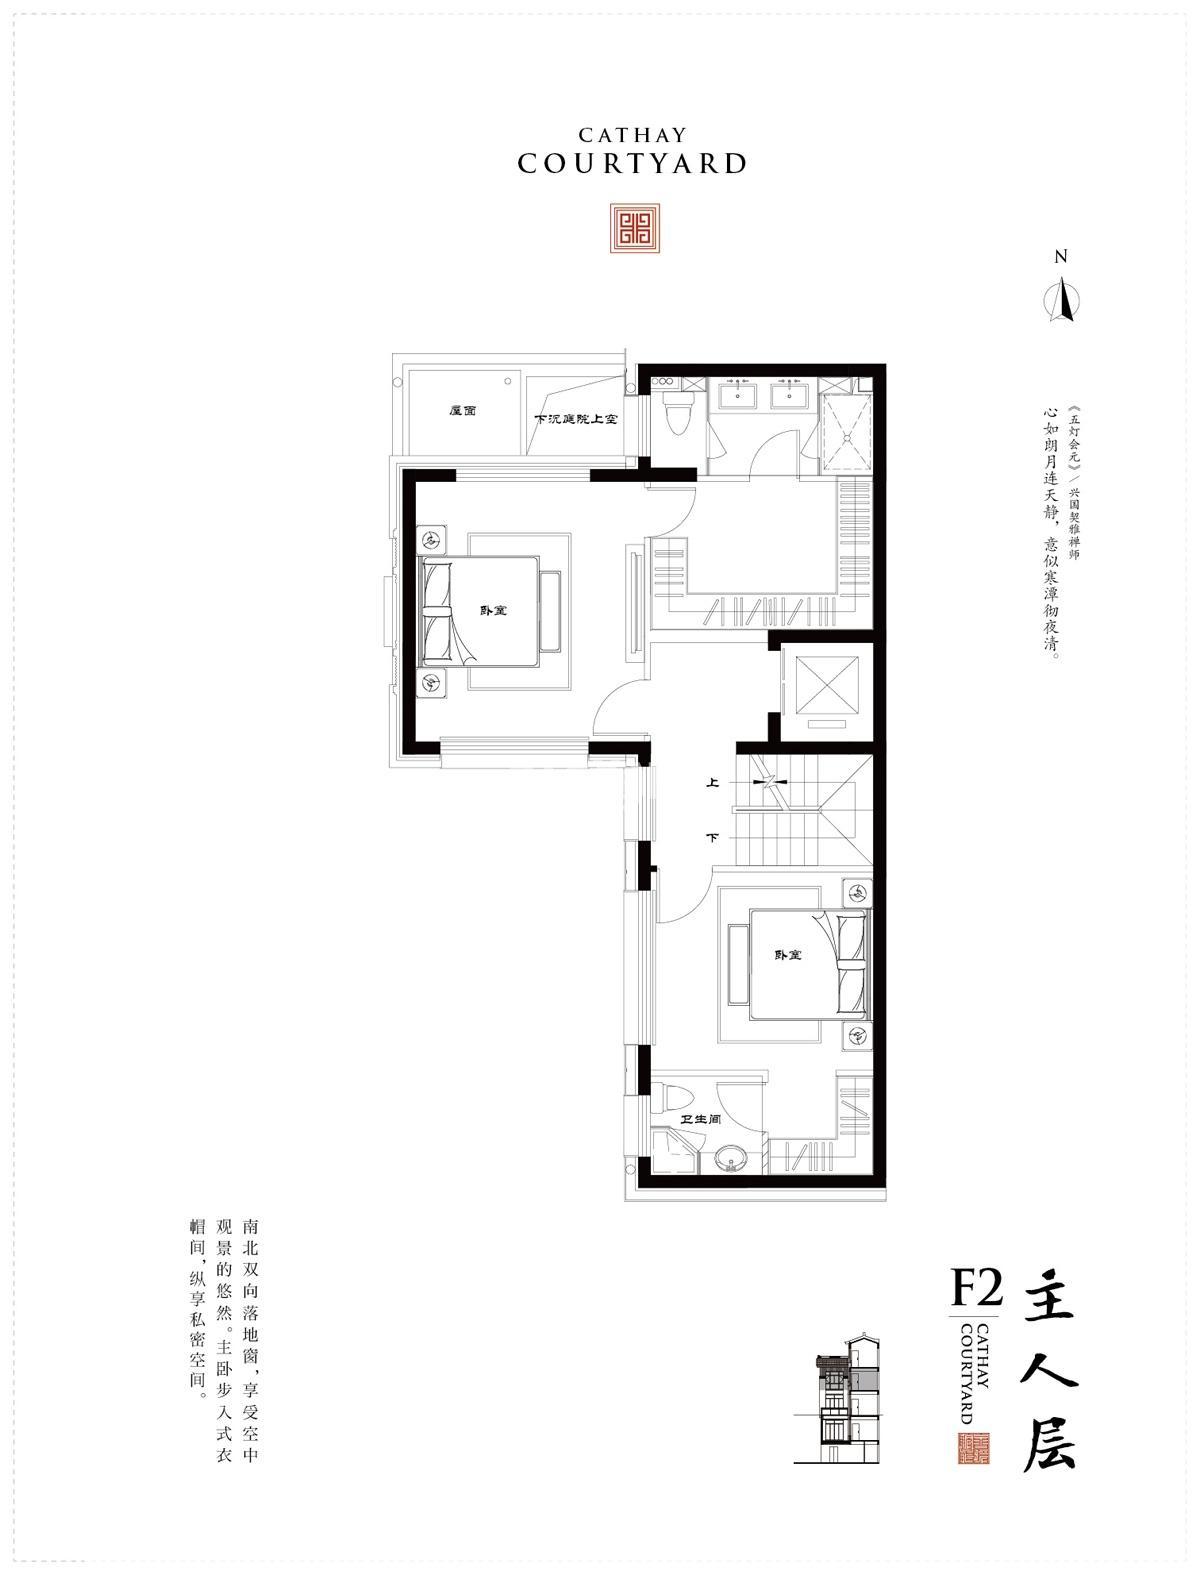 文一泰禾合肥院子别墅370㎡F2户型图